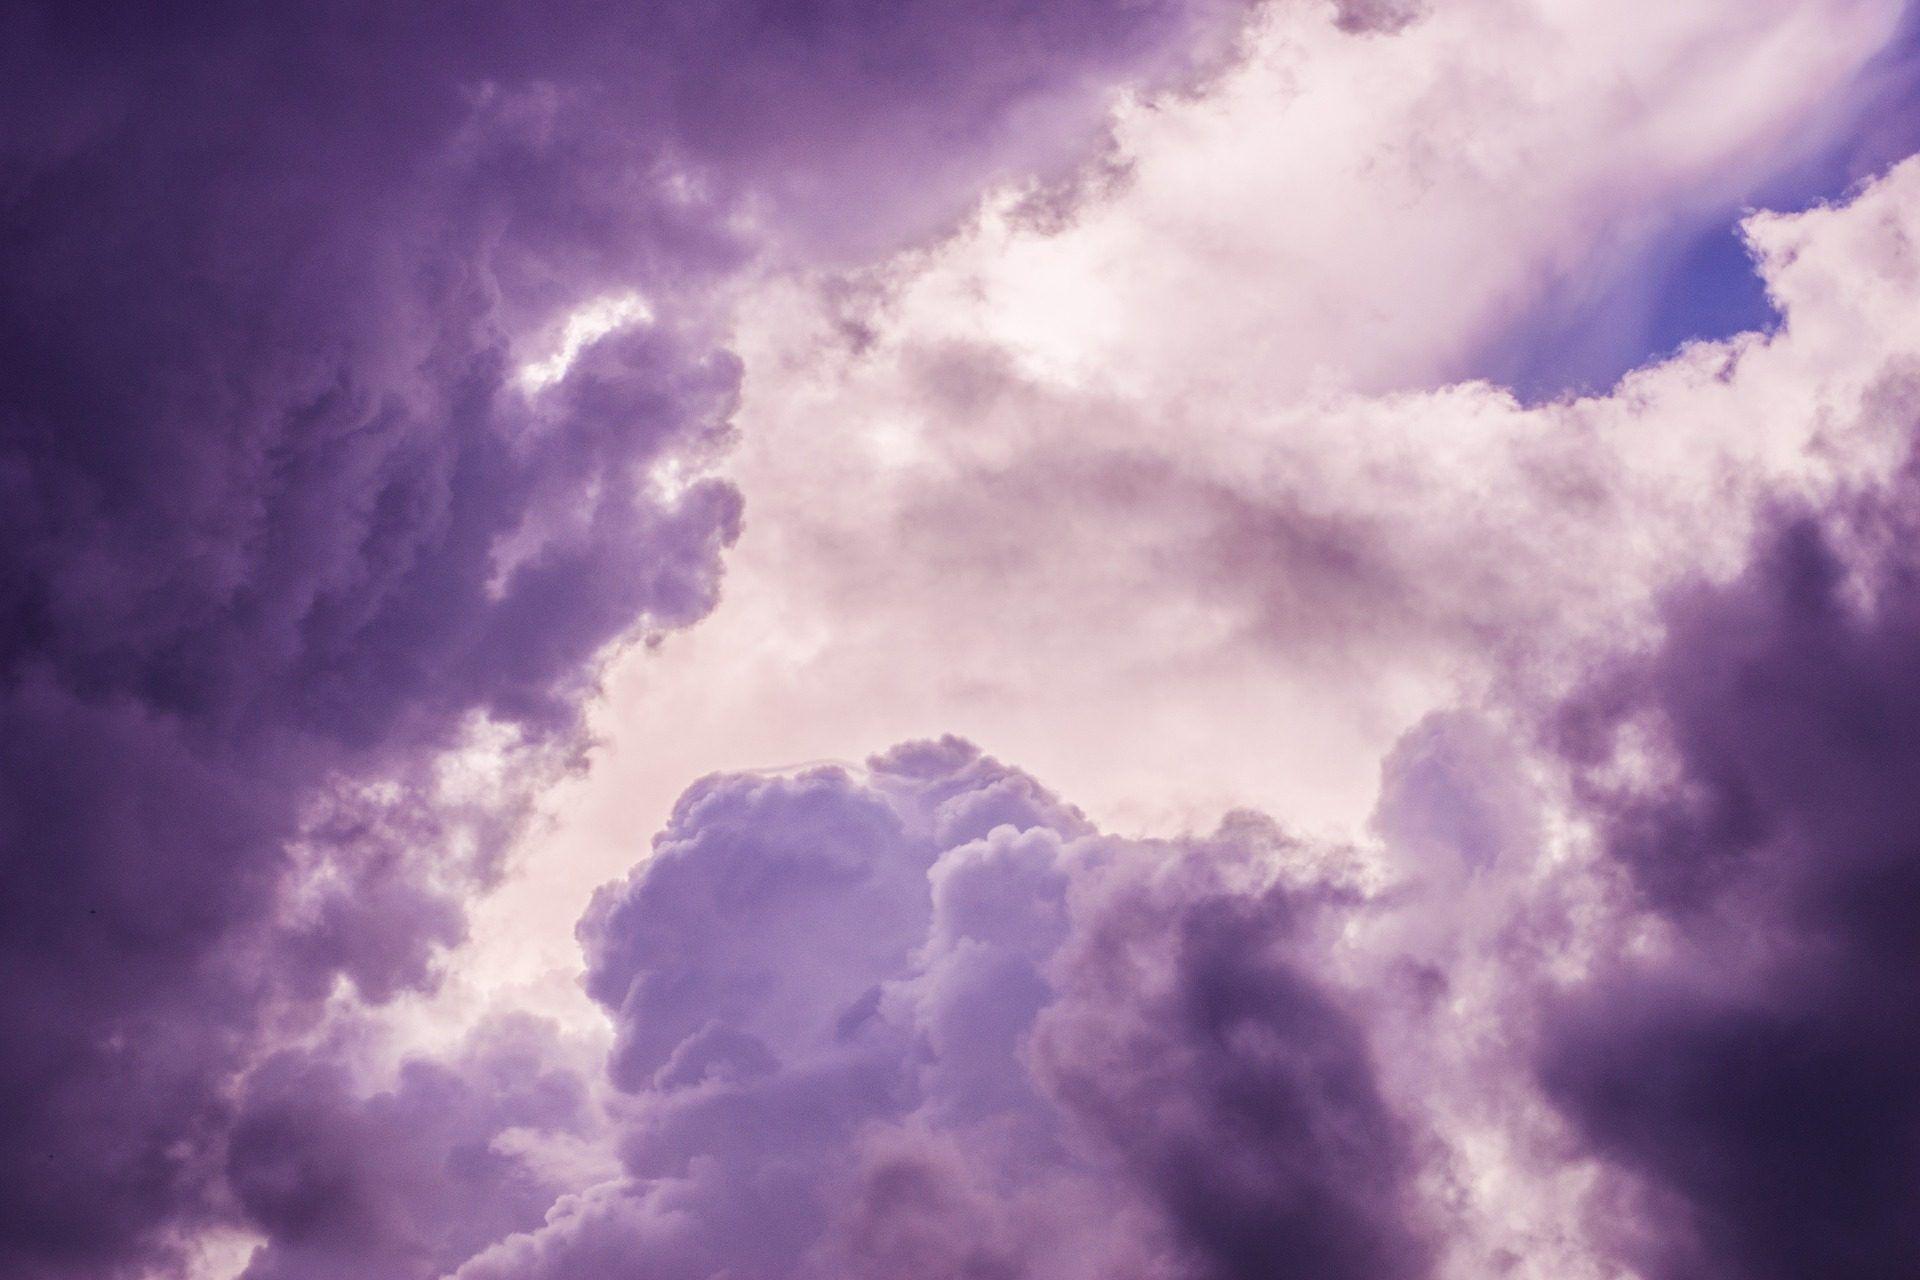 Cielo Nubes Moradas Nublado Tormenta 1710112030 Nubes Cielo Nublado